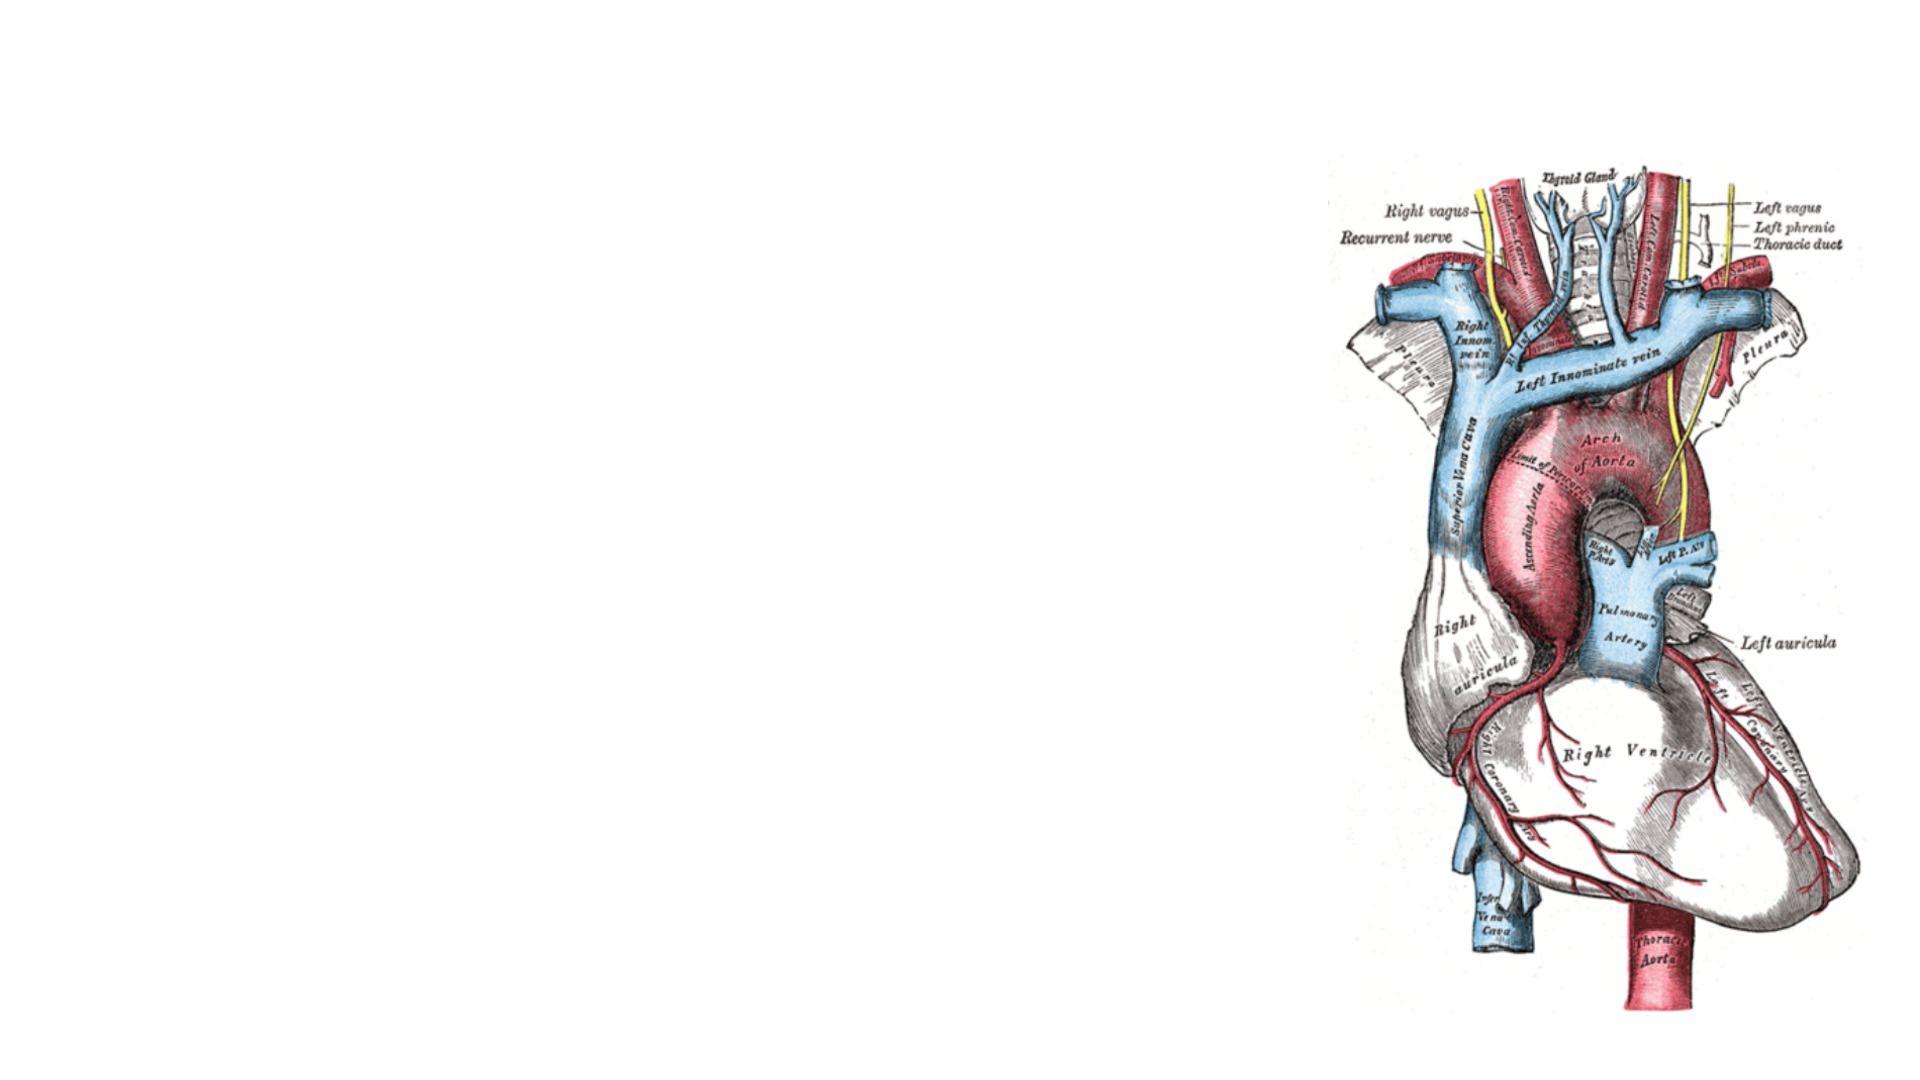 Brachiocephalic Trunk Anatomy